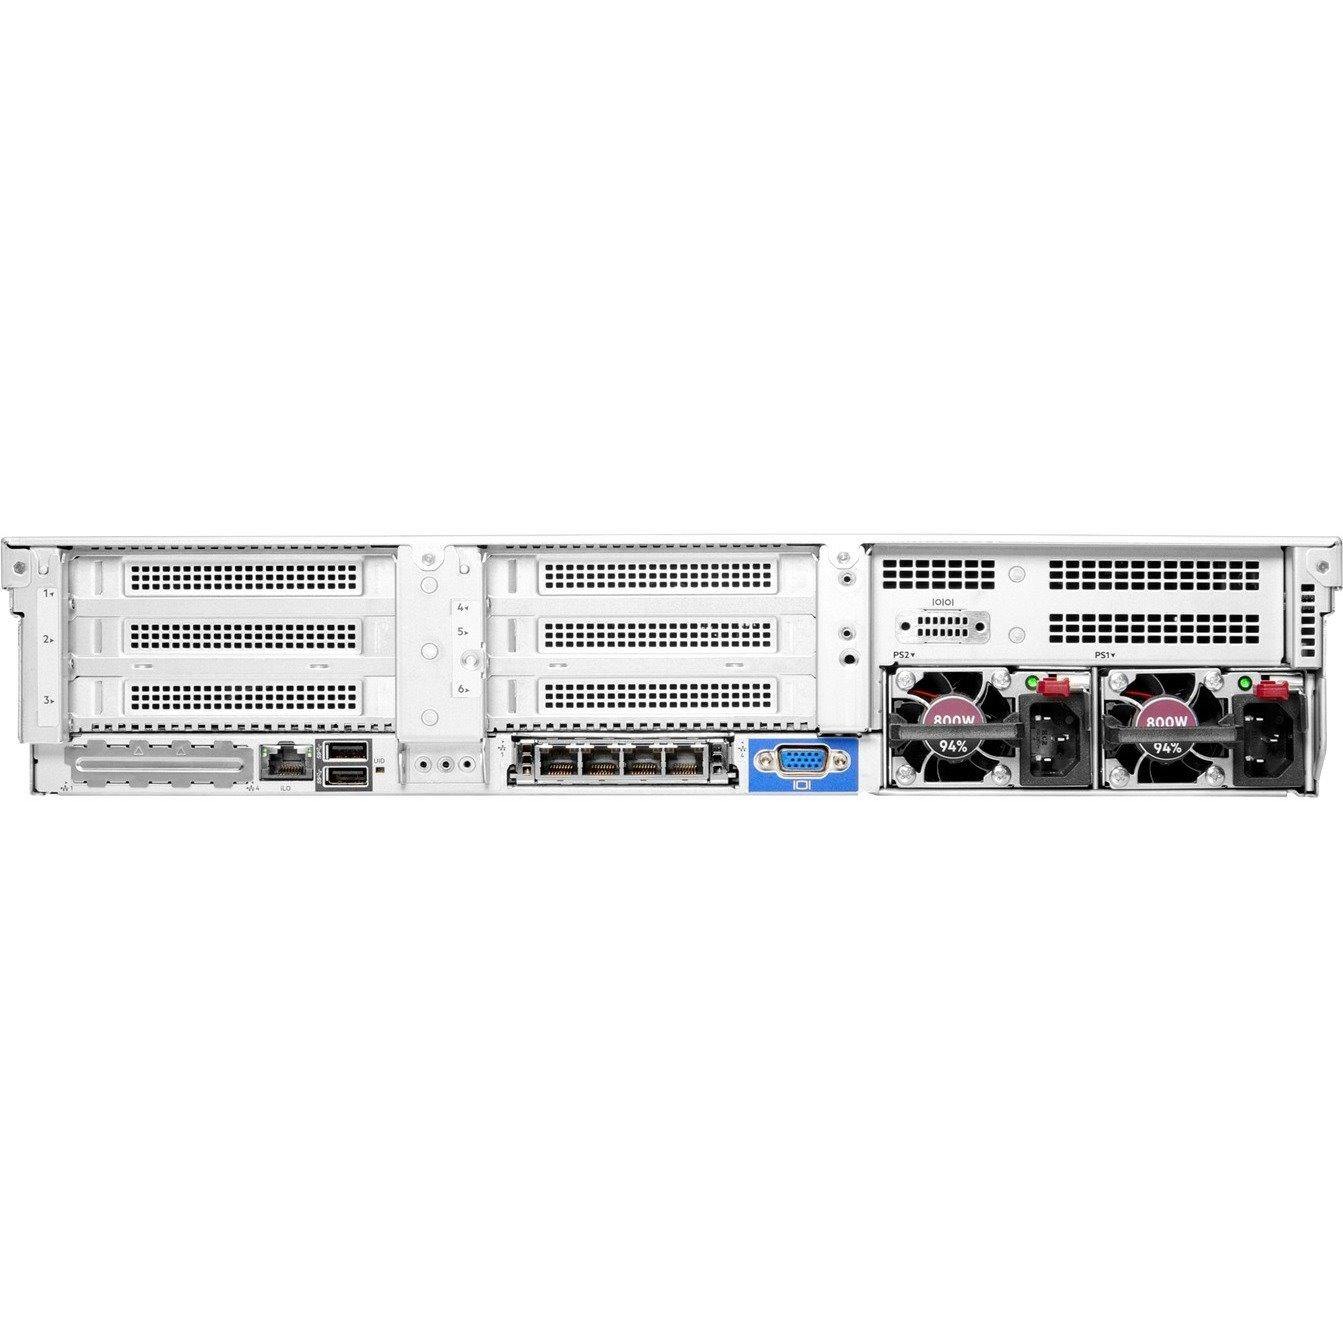 HPE ProLiant DL380 G10 Plus 2U Rack Server - 1 x Intel Xeon Gold 5315Y 3.20 GHz - 32 GB RAM - 12Gb/s SAS Controller